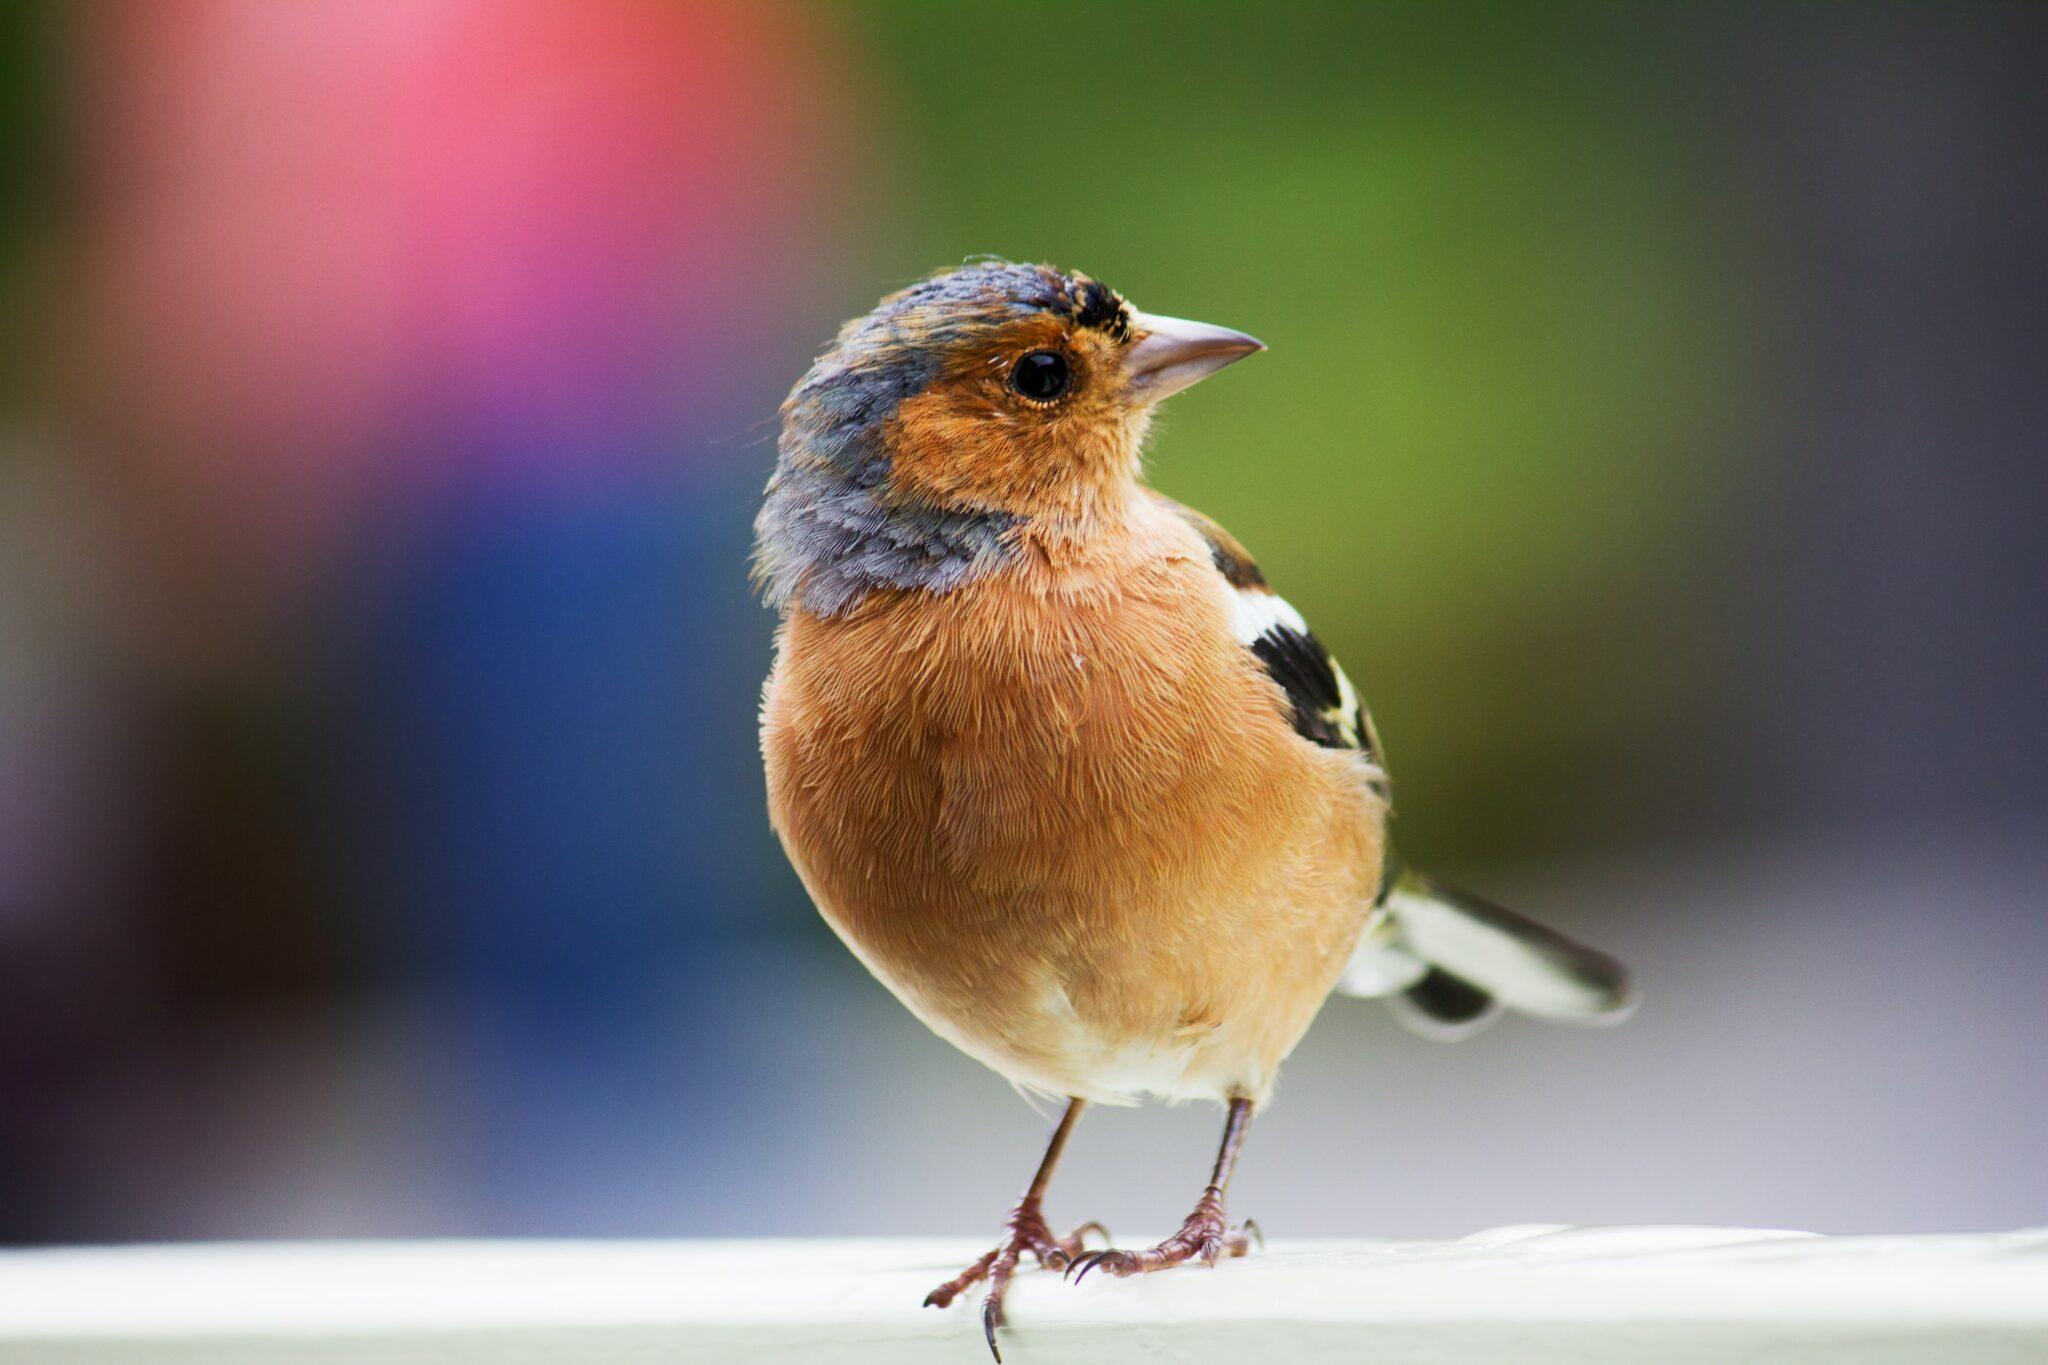 observar aves traz felicidade